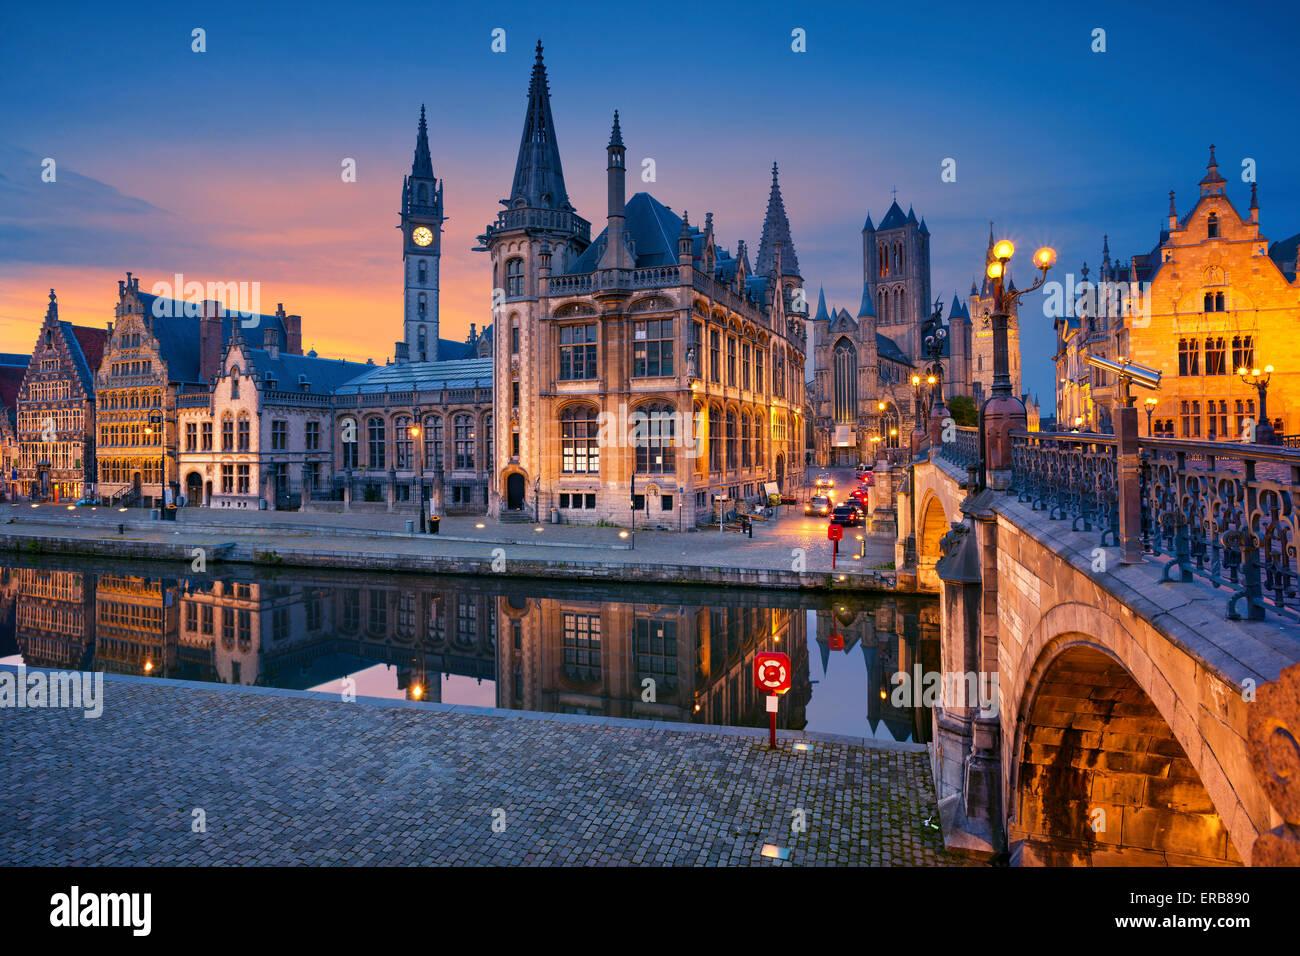 Gent. Bild von Gent, Belgien während der blauen Dämmerstunde. Stockbild